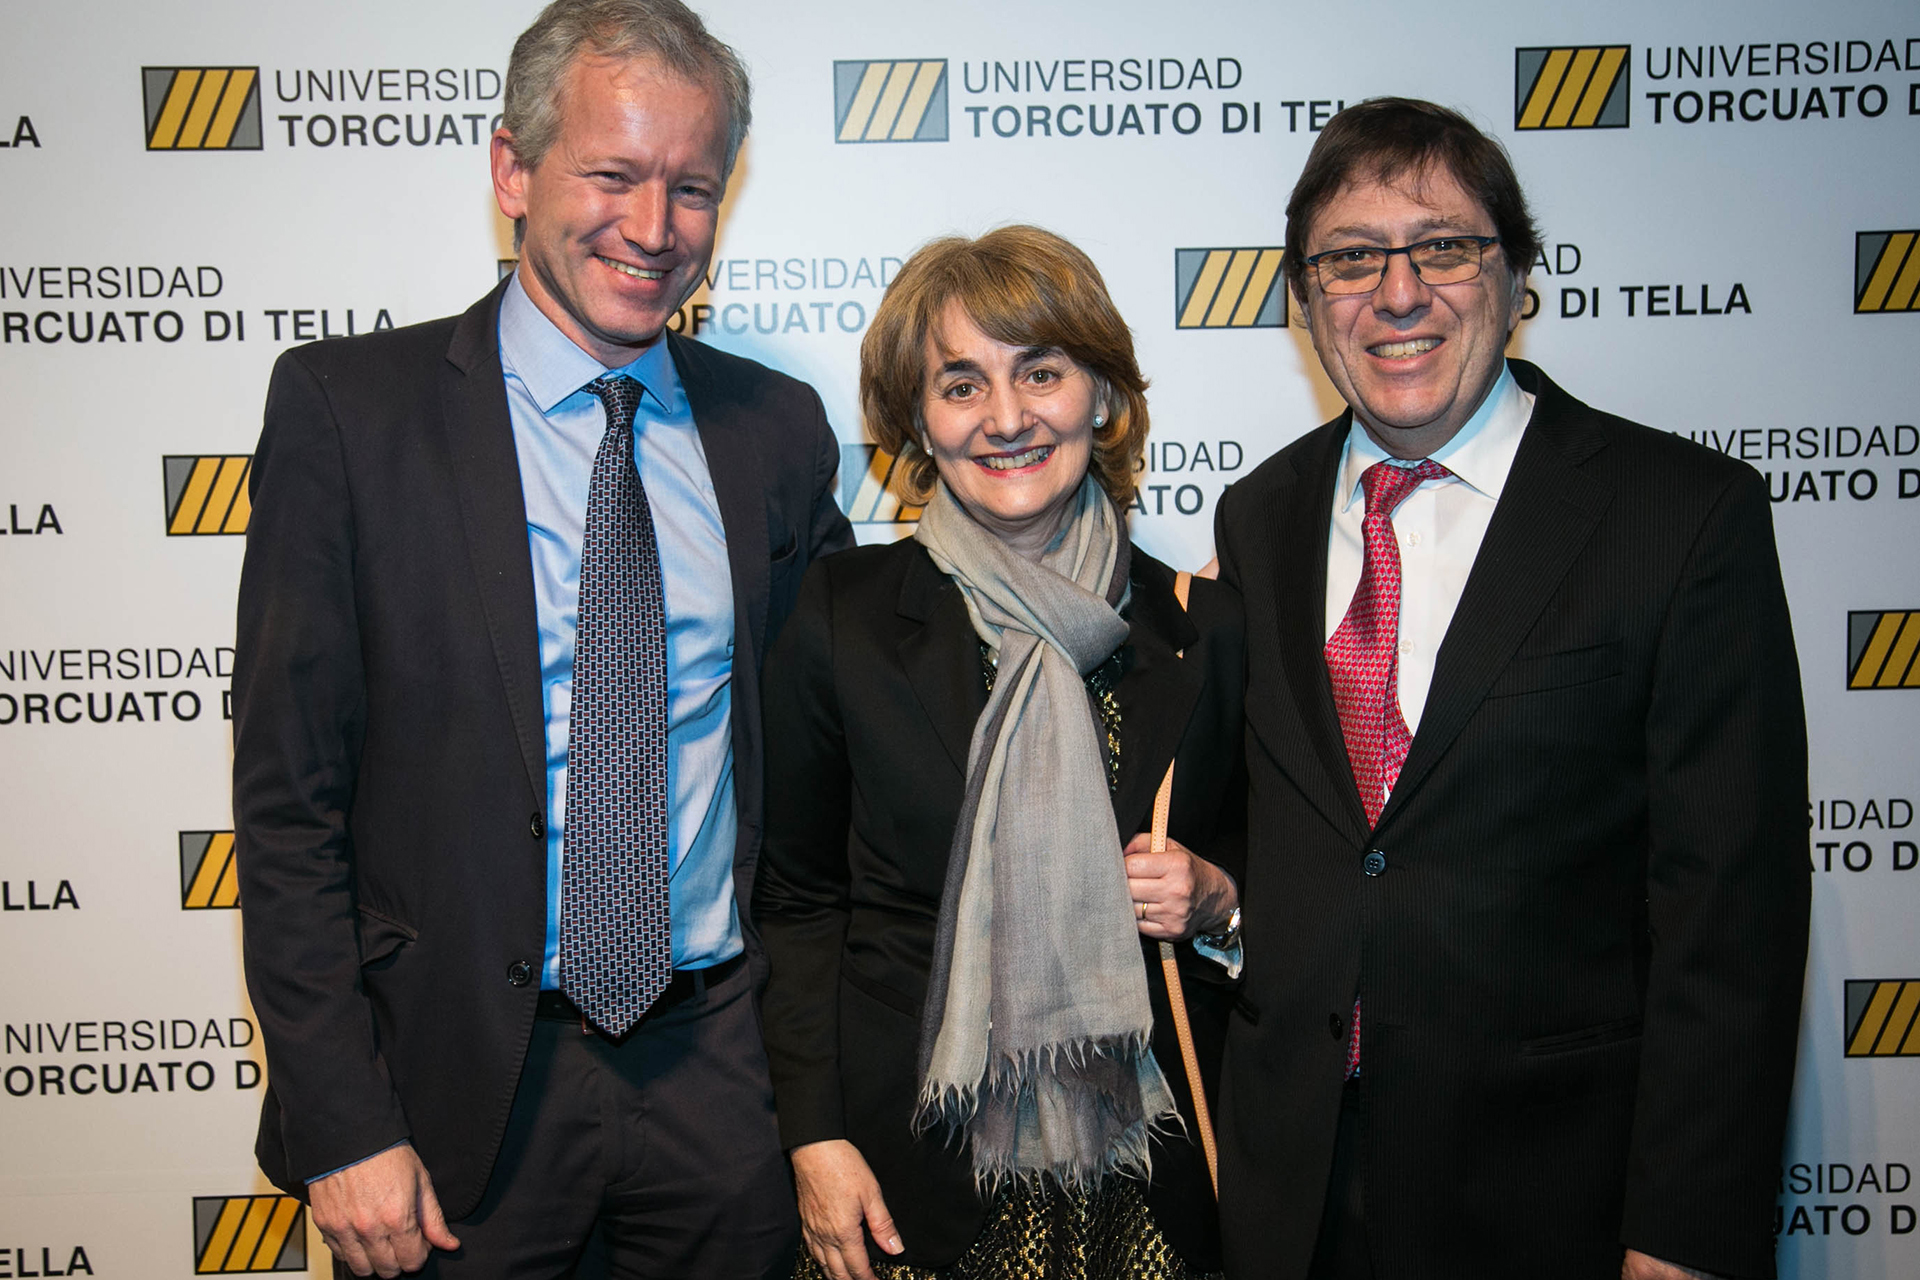 Schargrodsky, la presidente del Consejo de Dirección Graciela Cairoli y Miguel Kiguel, miembro del Consejo Económico y Social de la UTDT